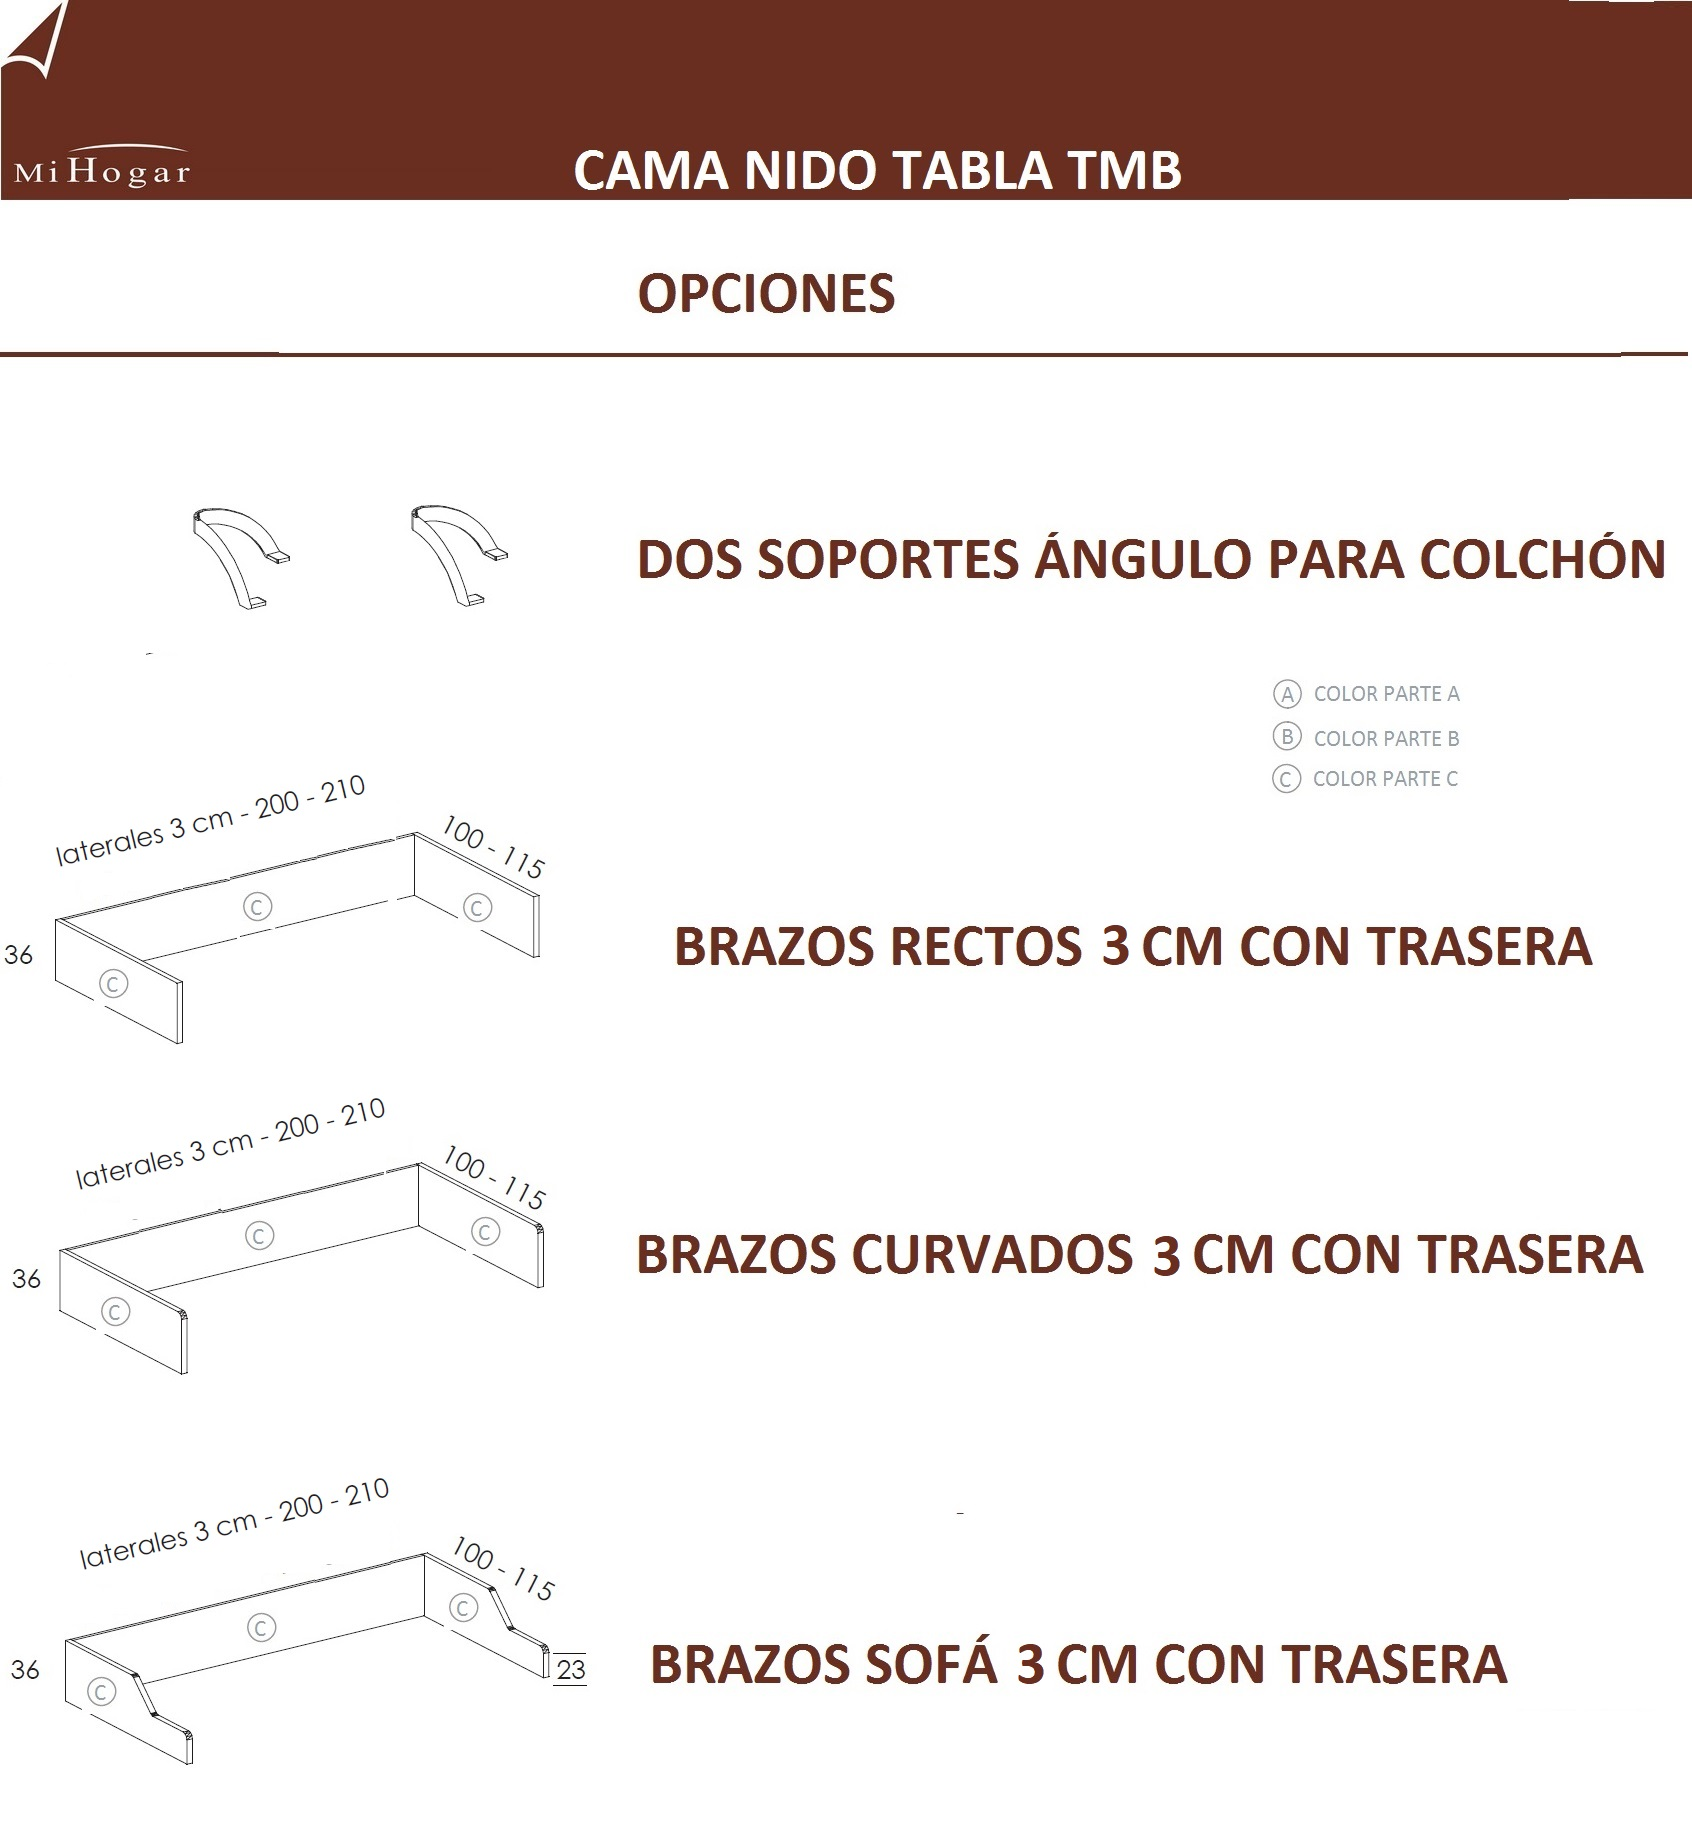 Cama nido tabla tmb muebles mi hogar for Que medidas tiene una cama semidoble